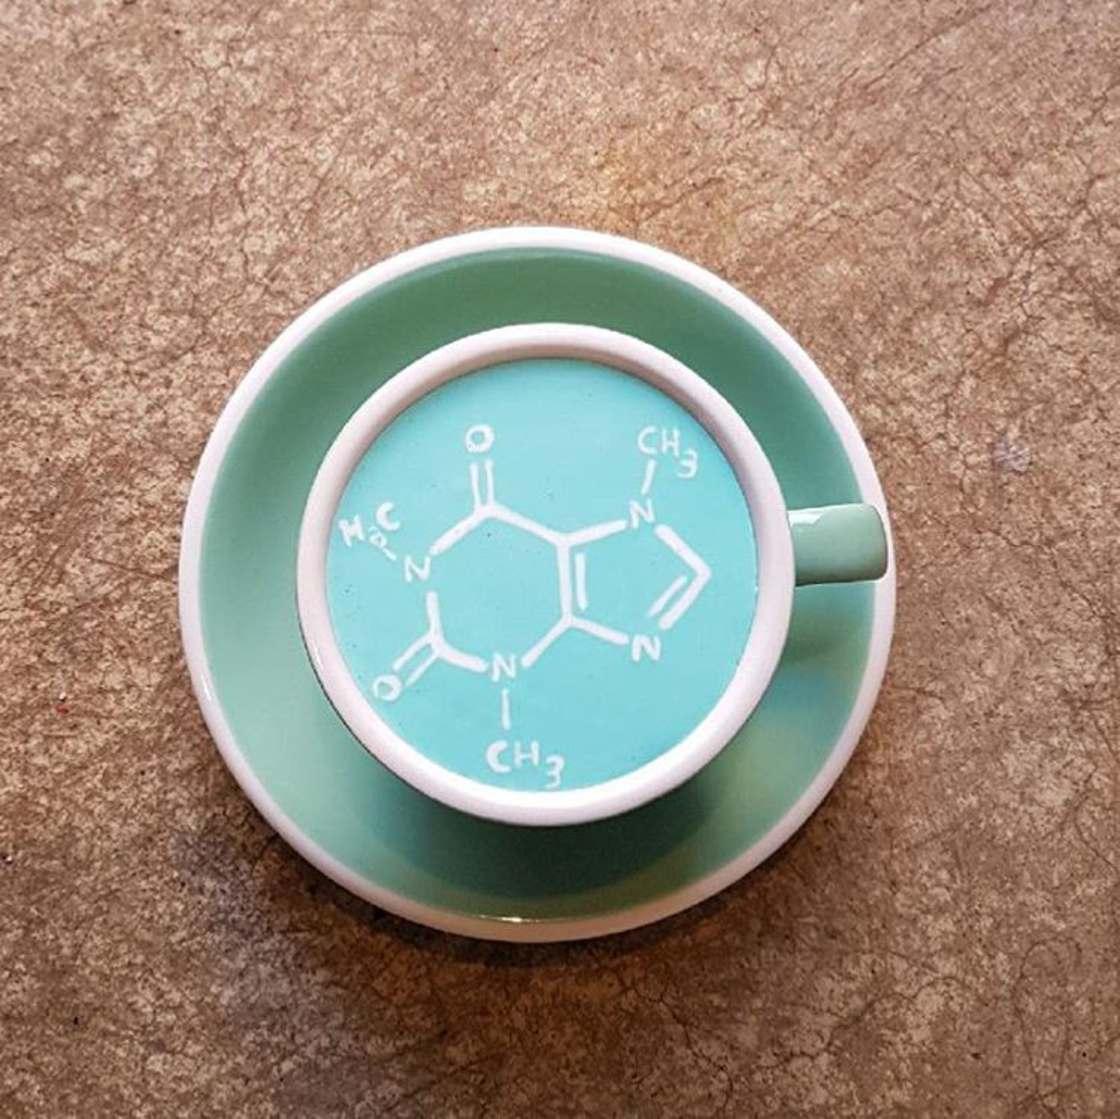 art-on-coffee-lee-kang-bin-16.jpg